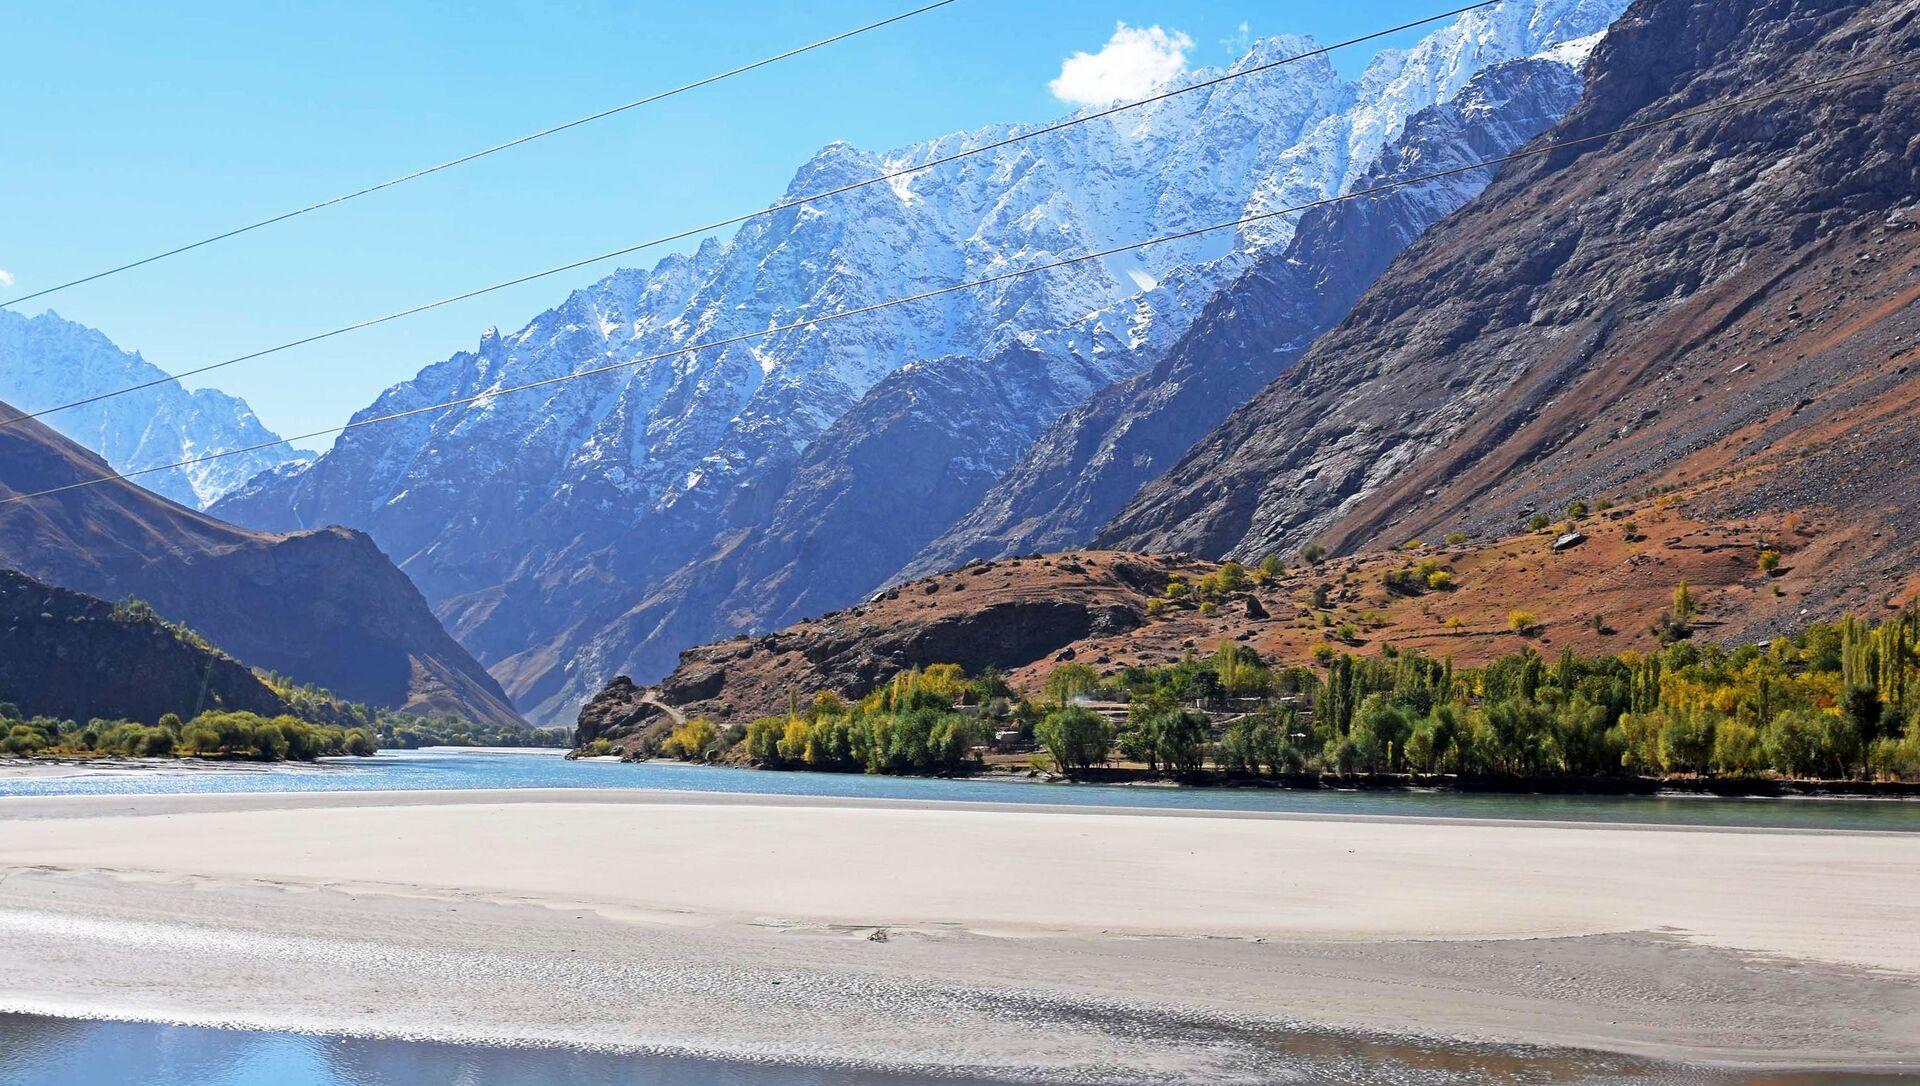 Le fleuve Pamir, à la frontière entre le Tadjikistan et l'Afghanistan - Sputnik France, 1920, 23.08.2021